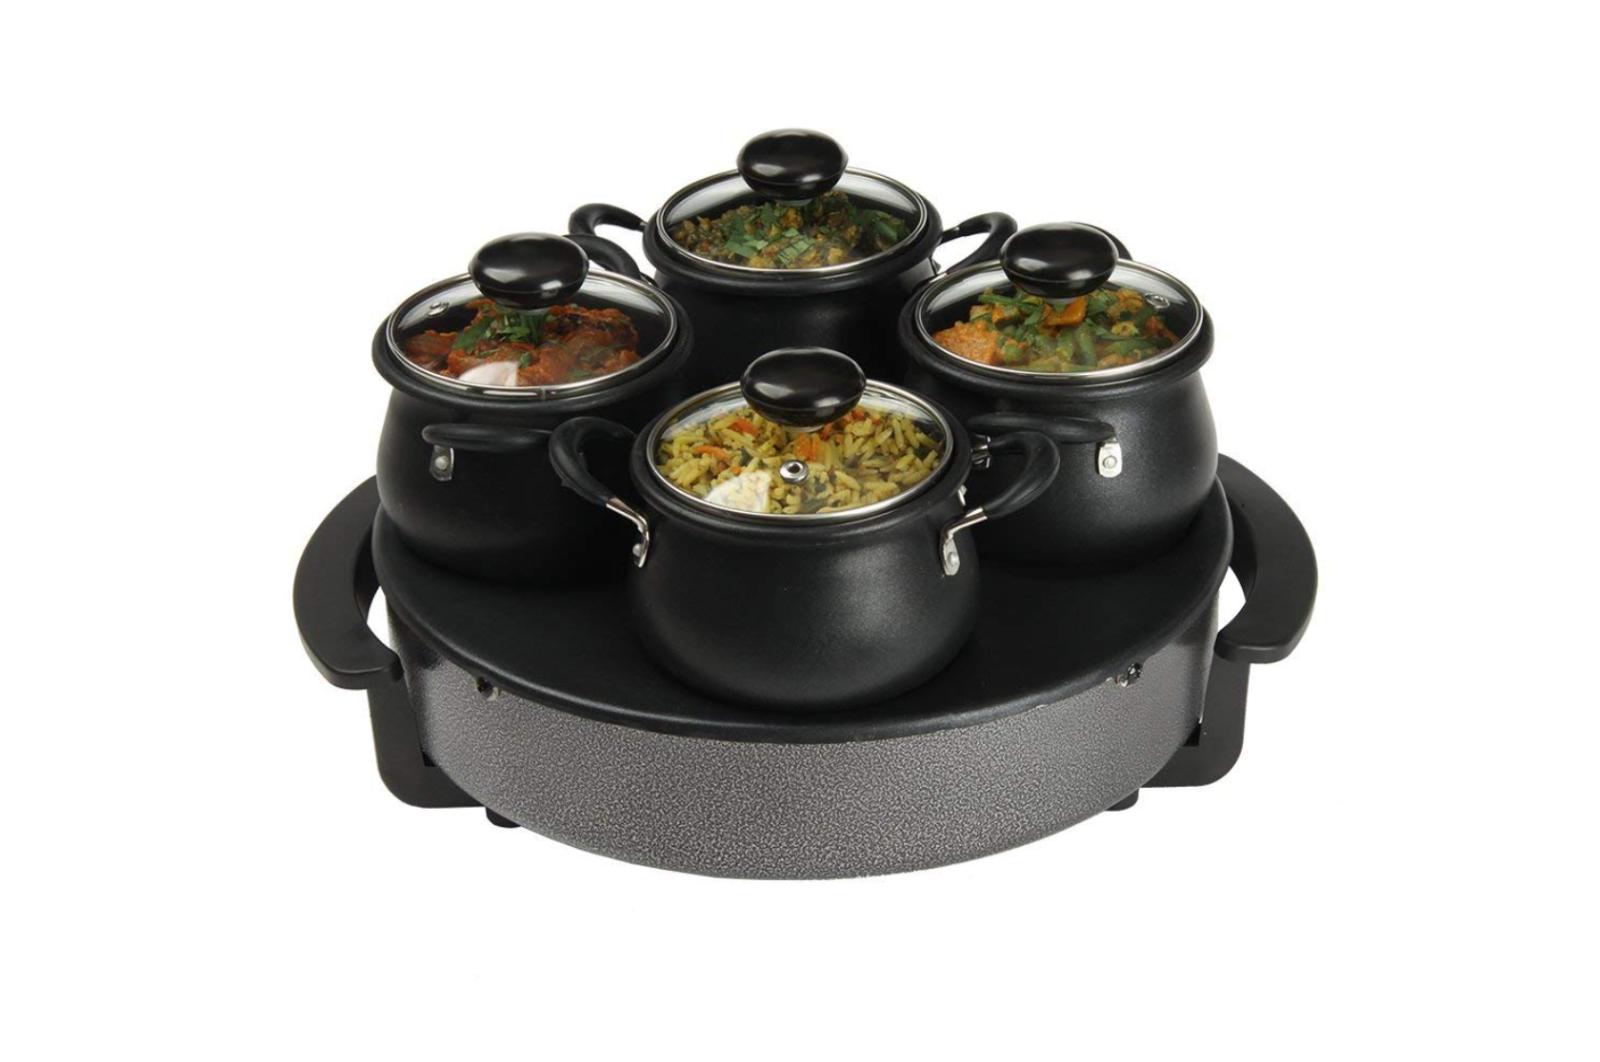 Radiateur électrique & buffet server – Plaque Chaude réchauffement Plateau Food Hot 4